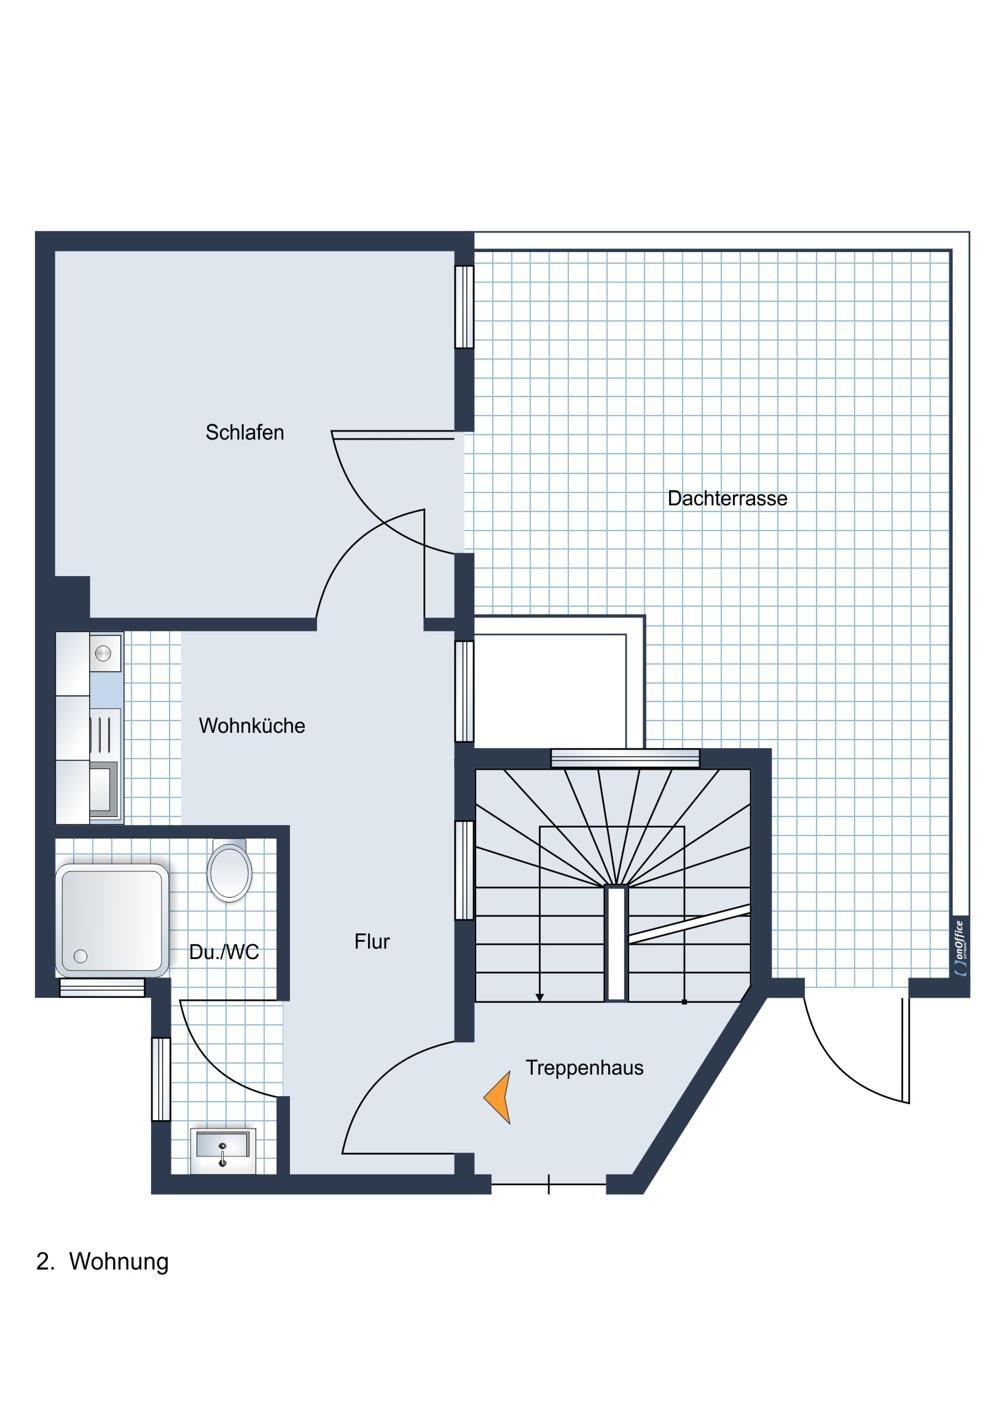 Wohnung 2, Obergeschoss west